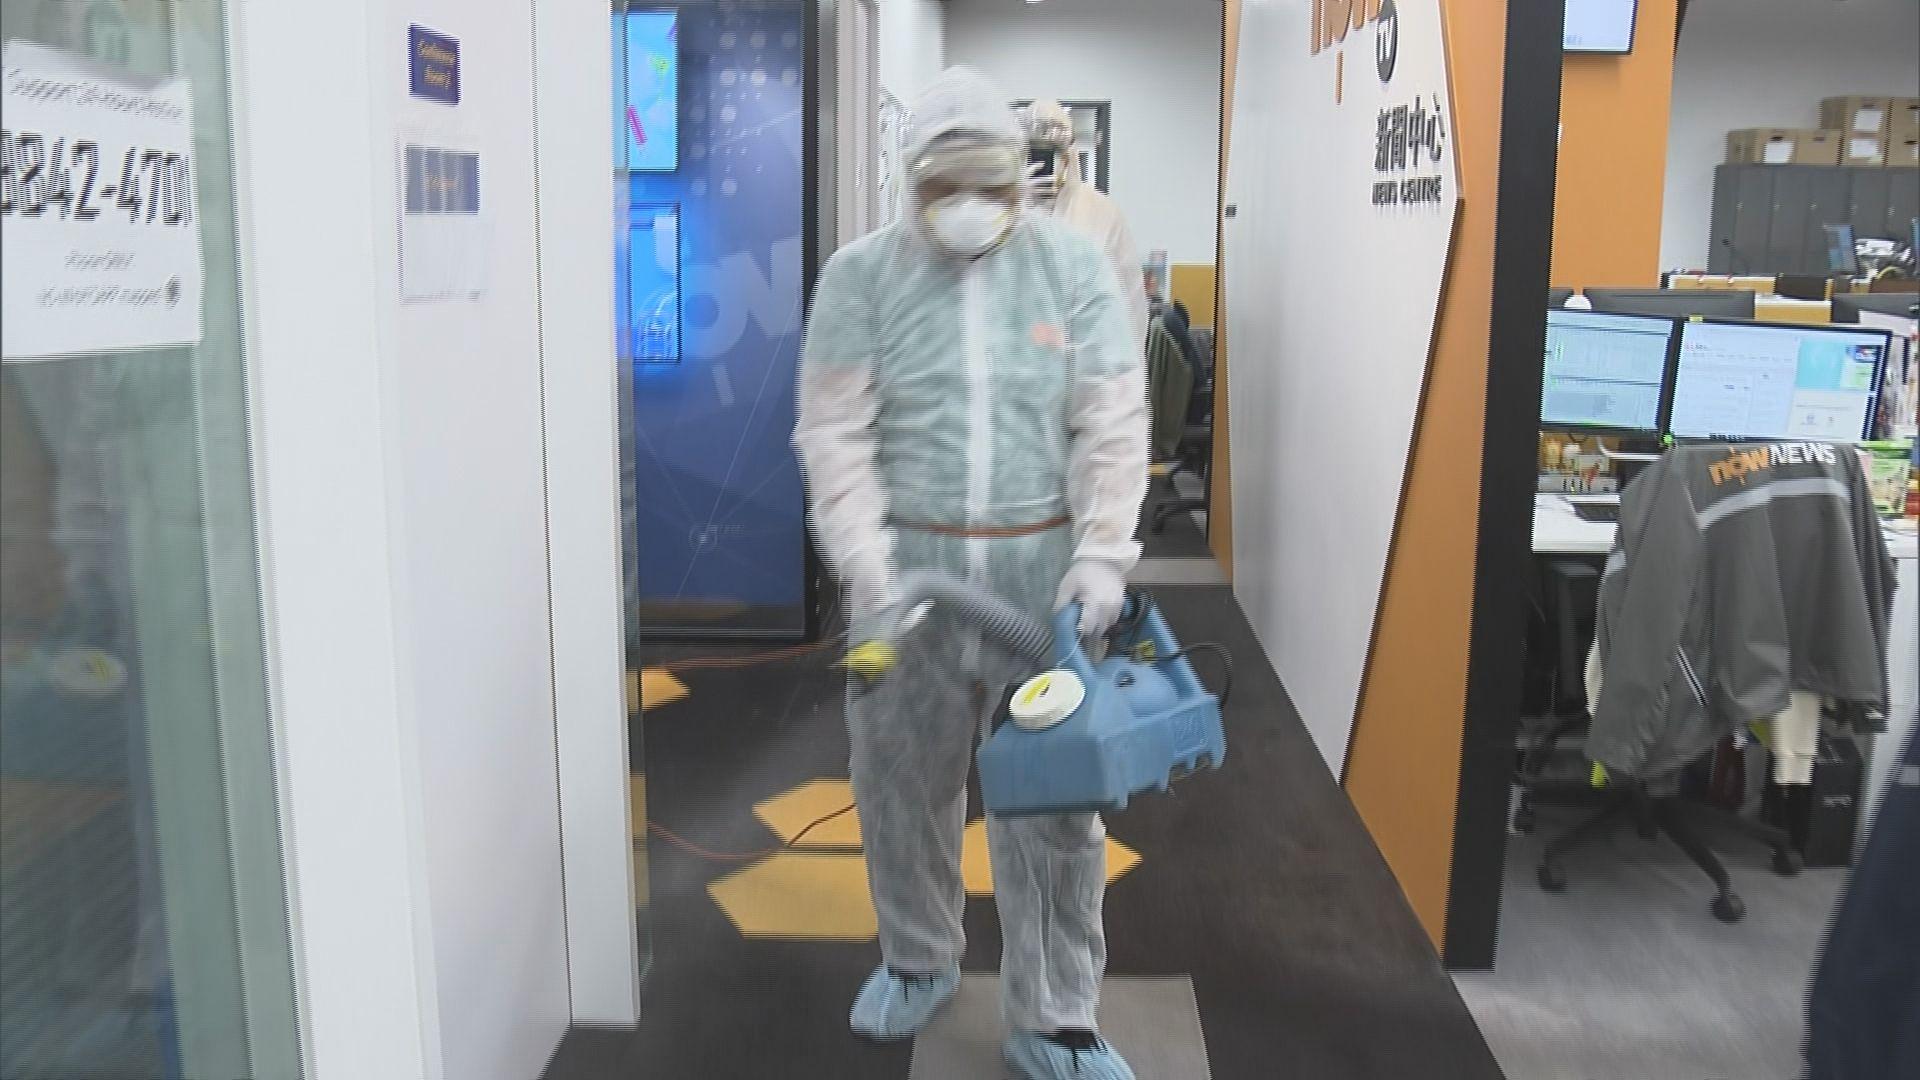 本台一名剪接師確診 新聞部辦公室徹底消毒